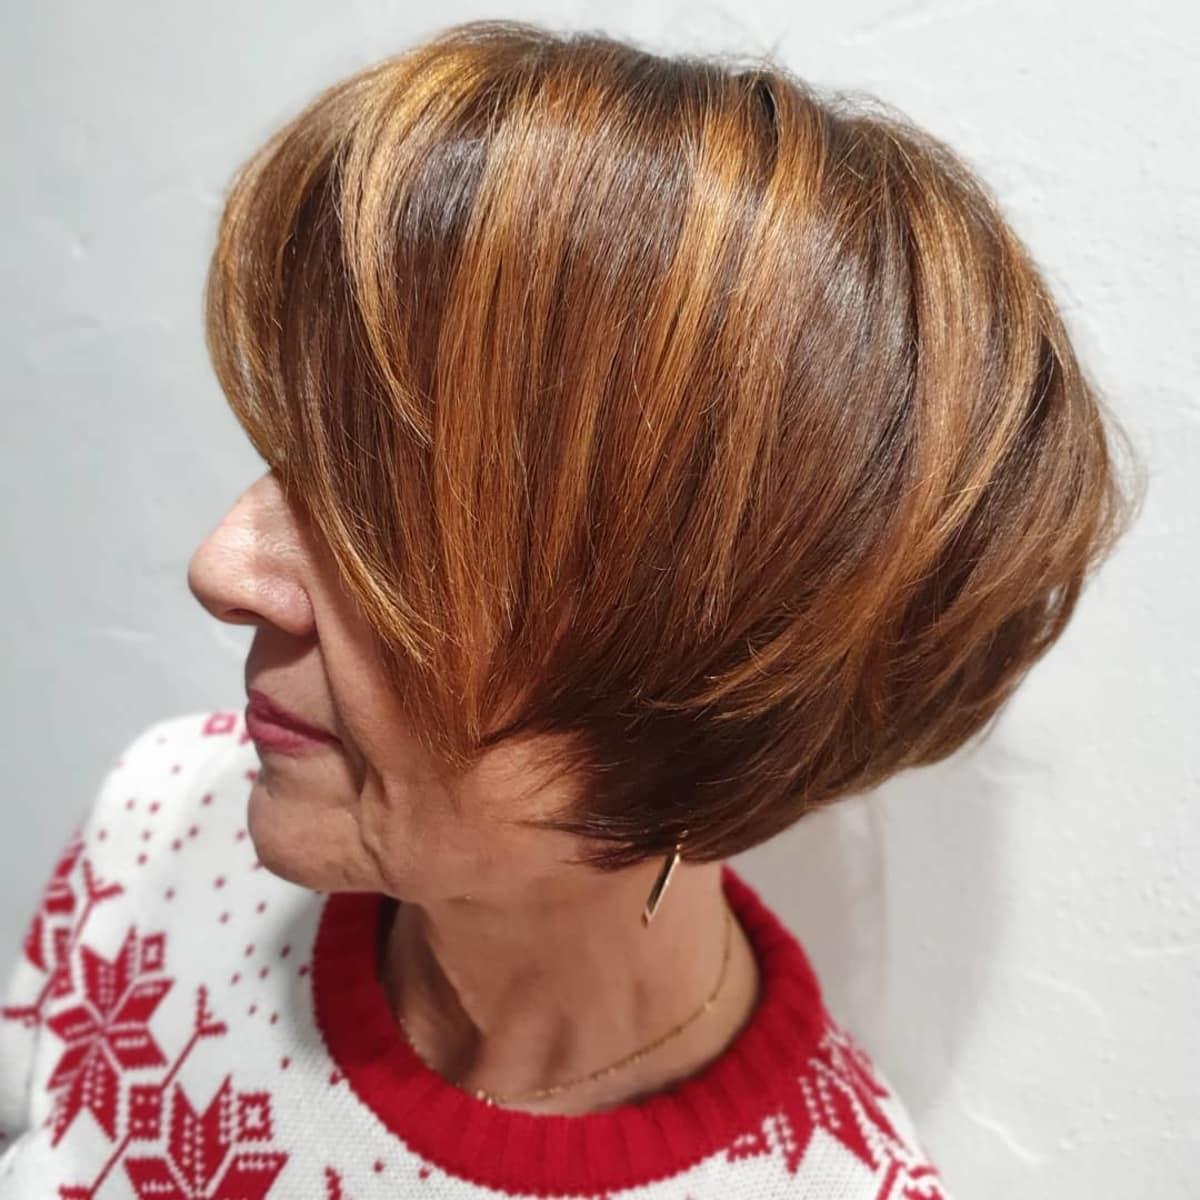 Bob largo hasta la oreja para mujeres mayores con cabello fino